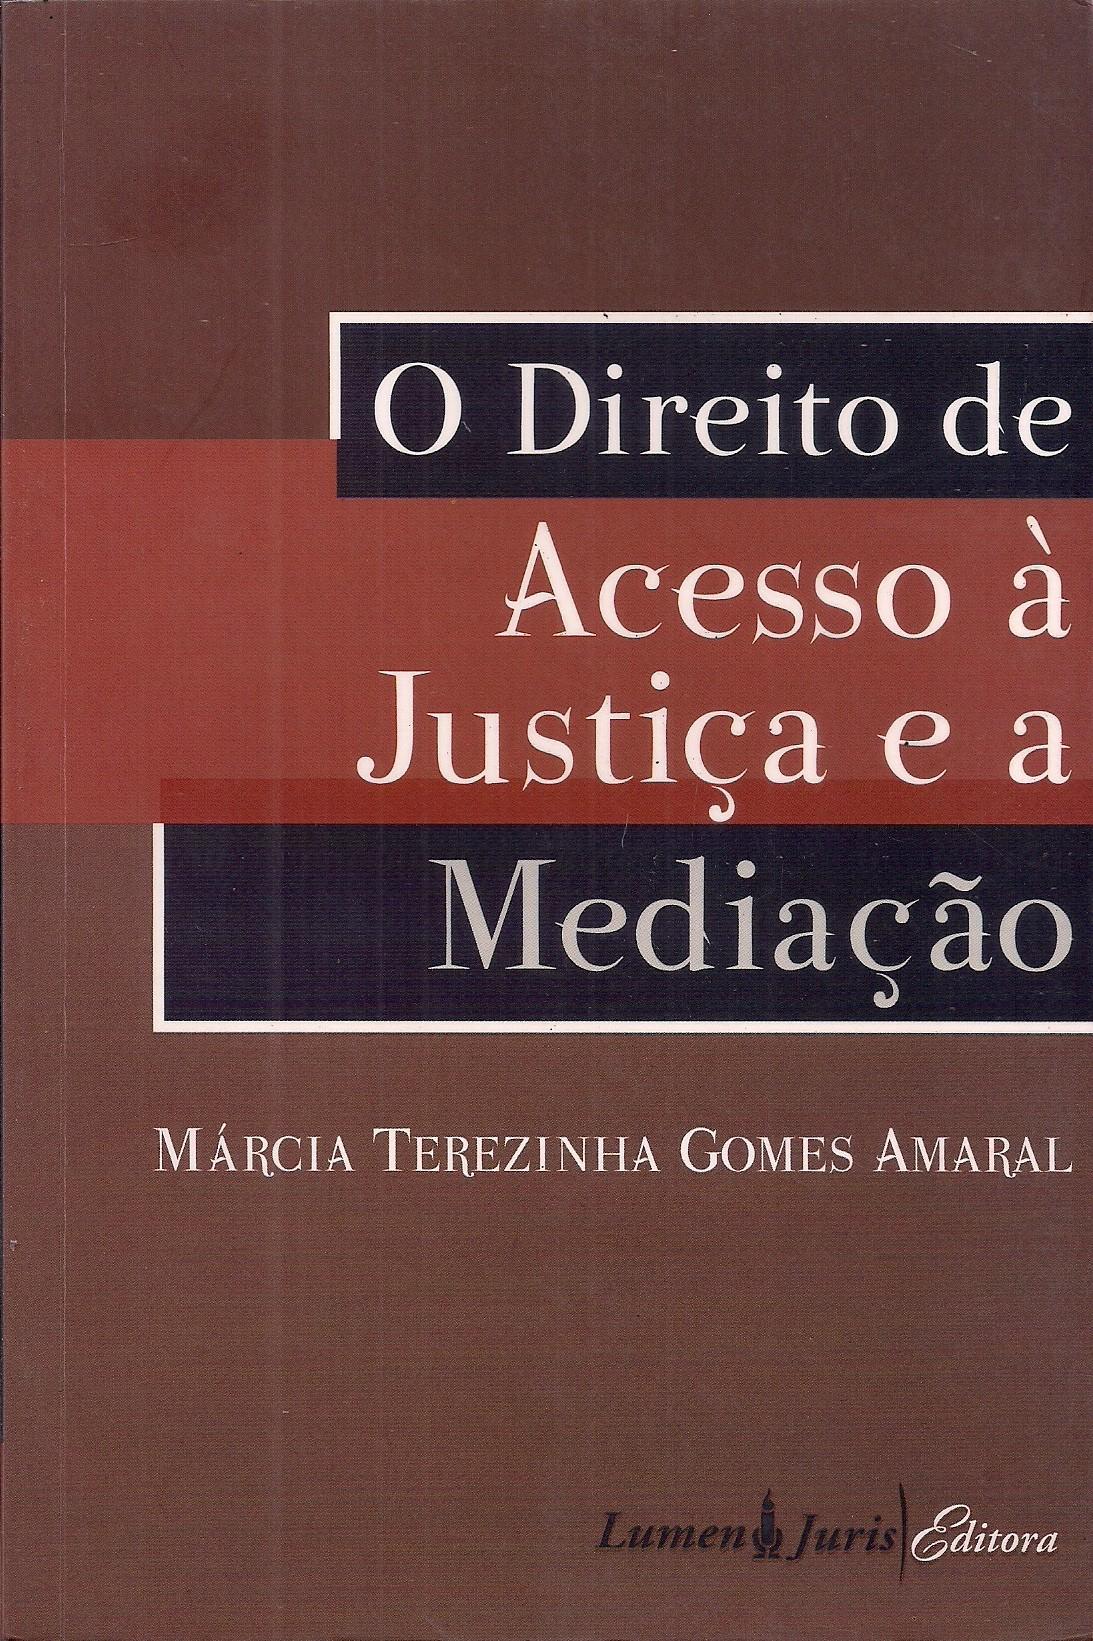 Foto 1 - O Direito de Acesso à Justiça e a Mediação